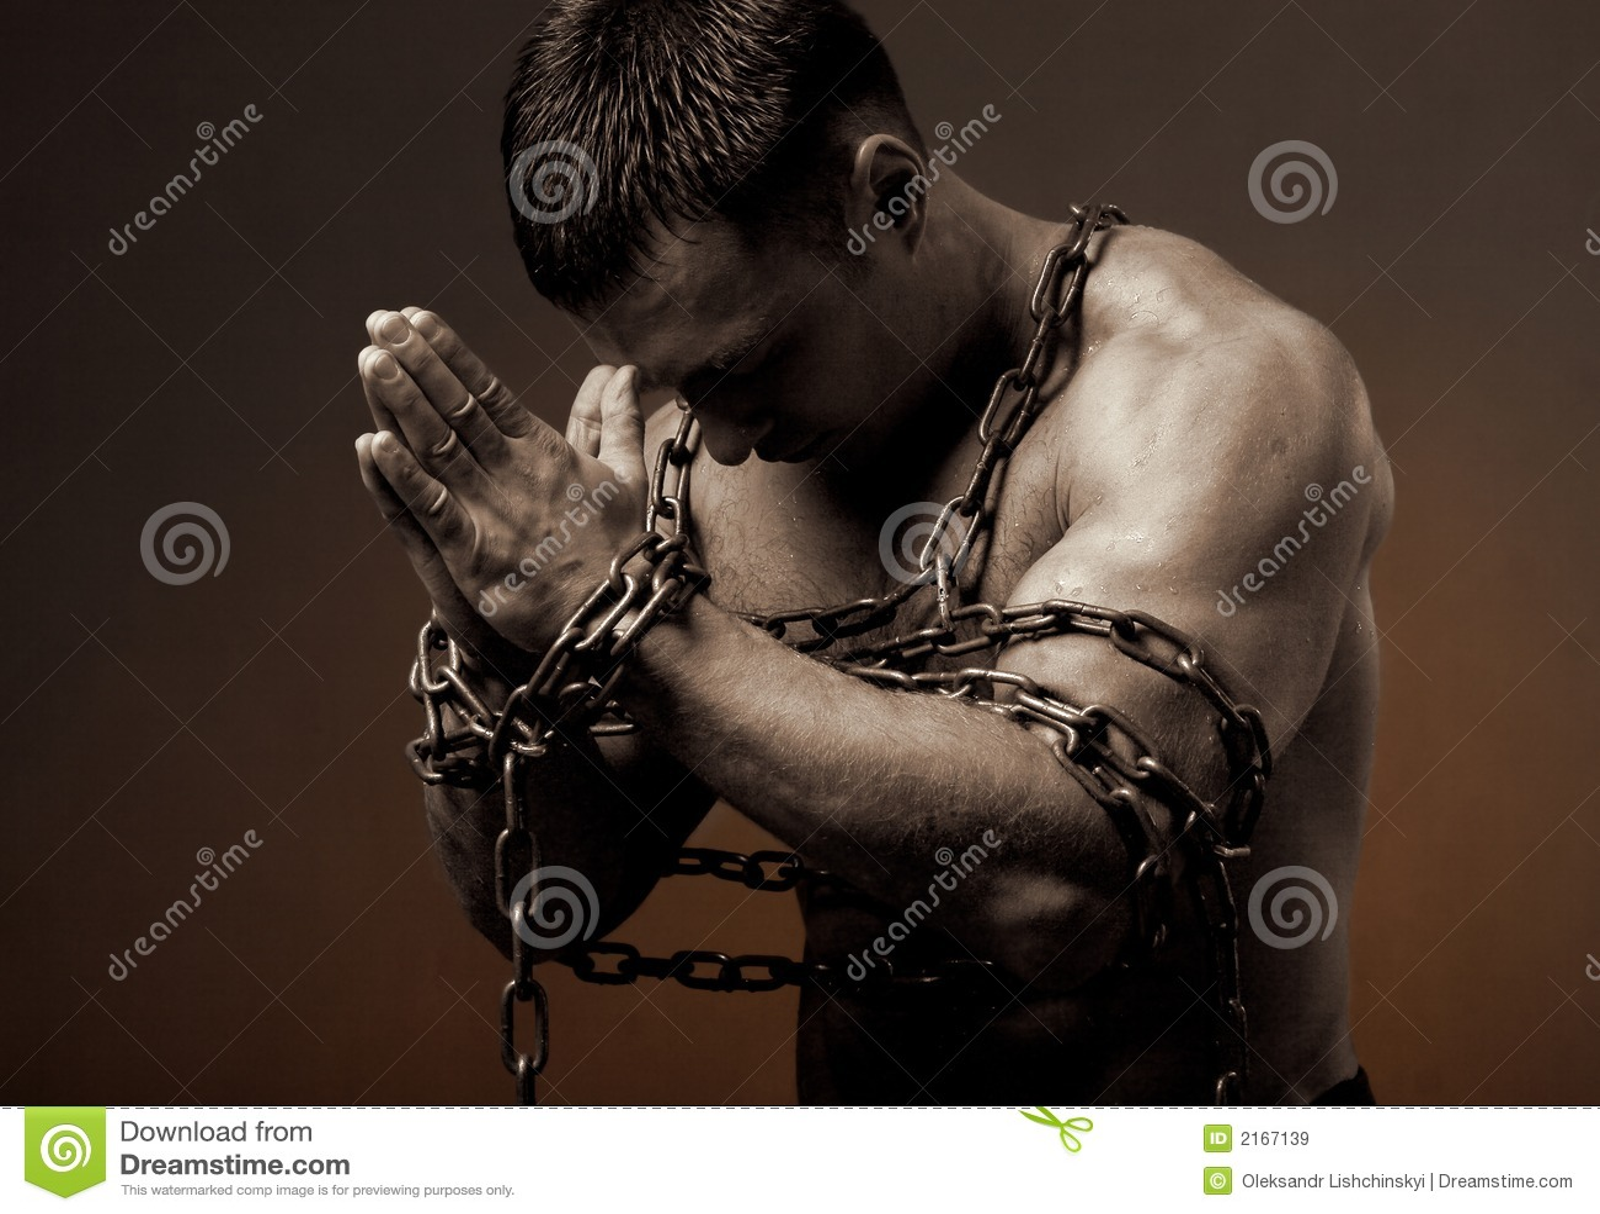 Кастрация мужей пояс верности